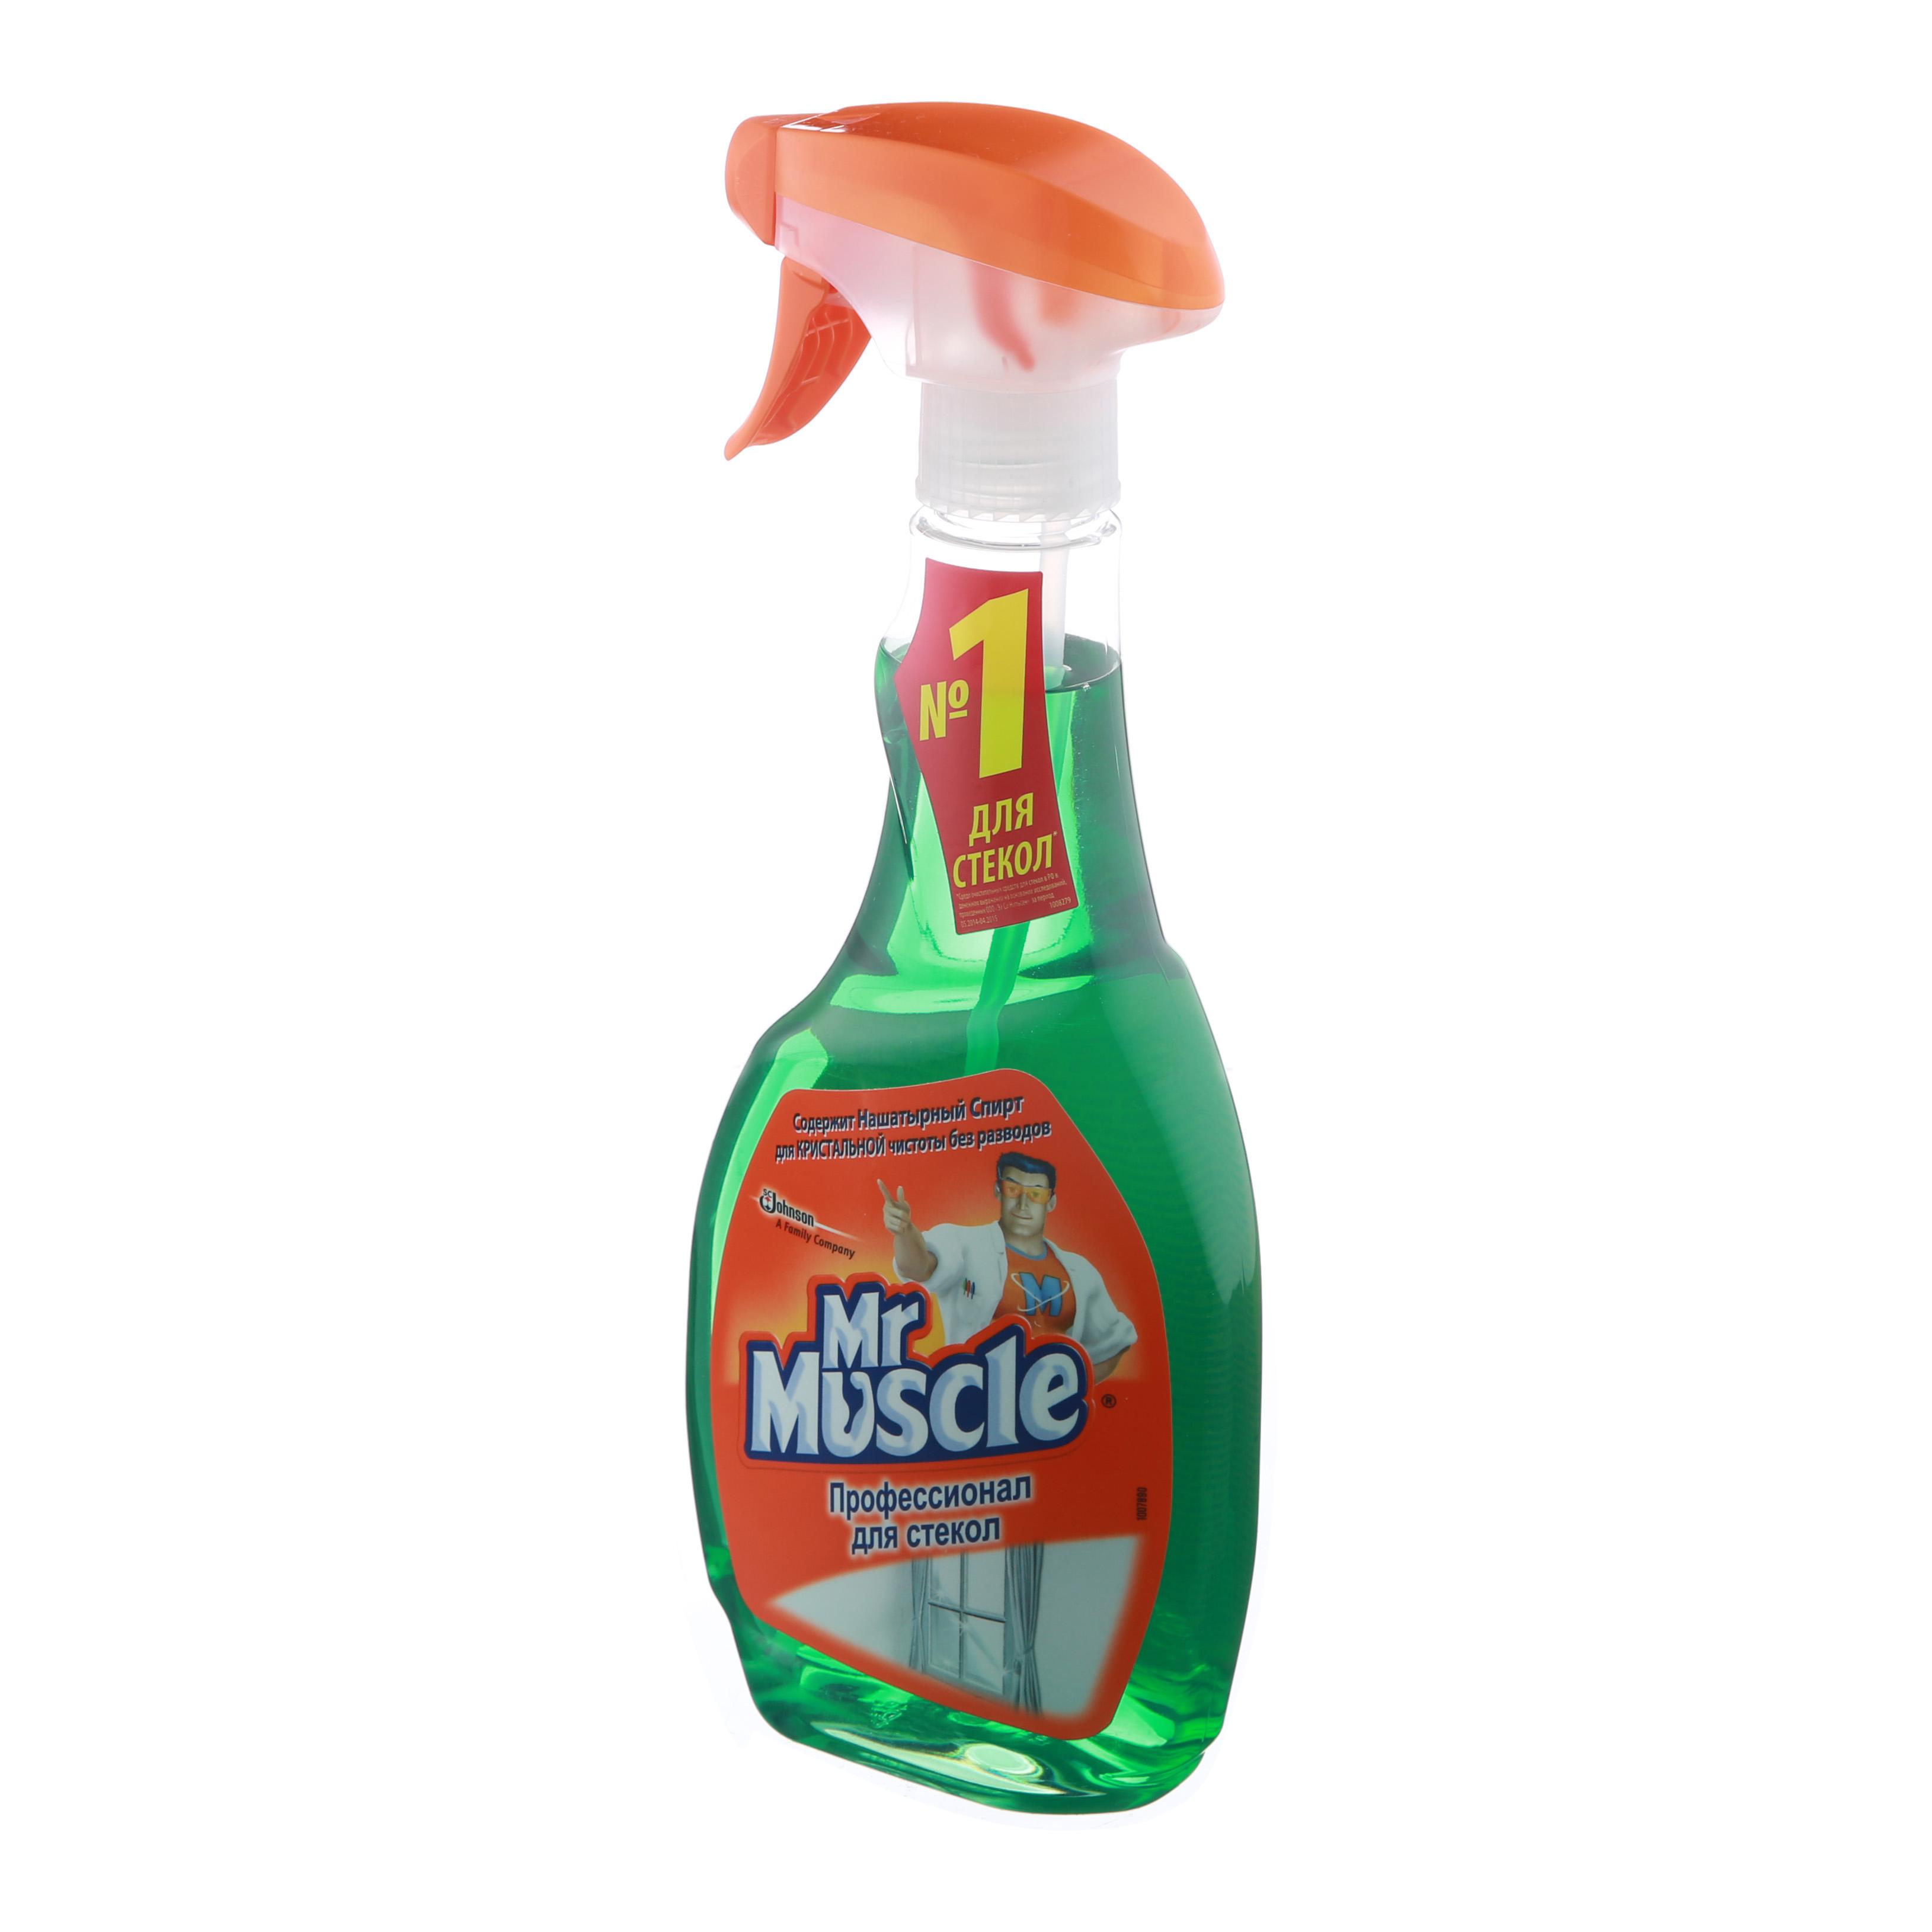 Средство моющее для стекол Mr Muscle (Мистер Мускул), 500мл, с нашатырным спиртом, триггер